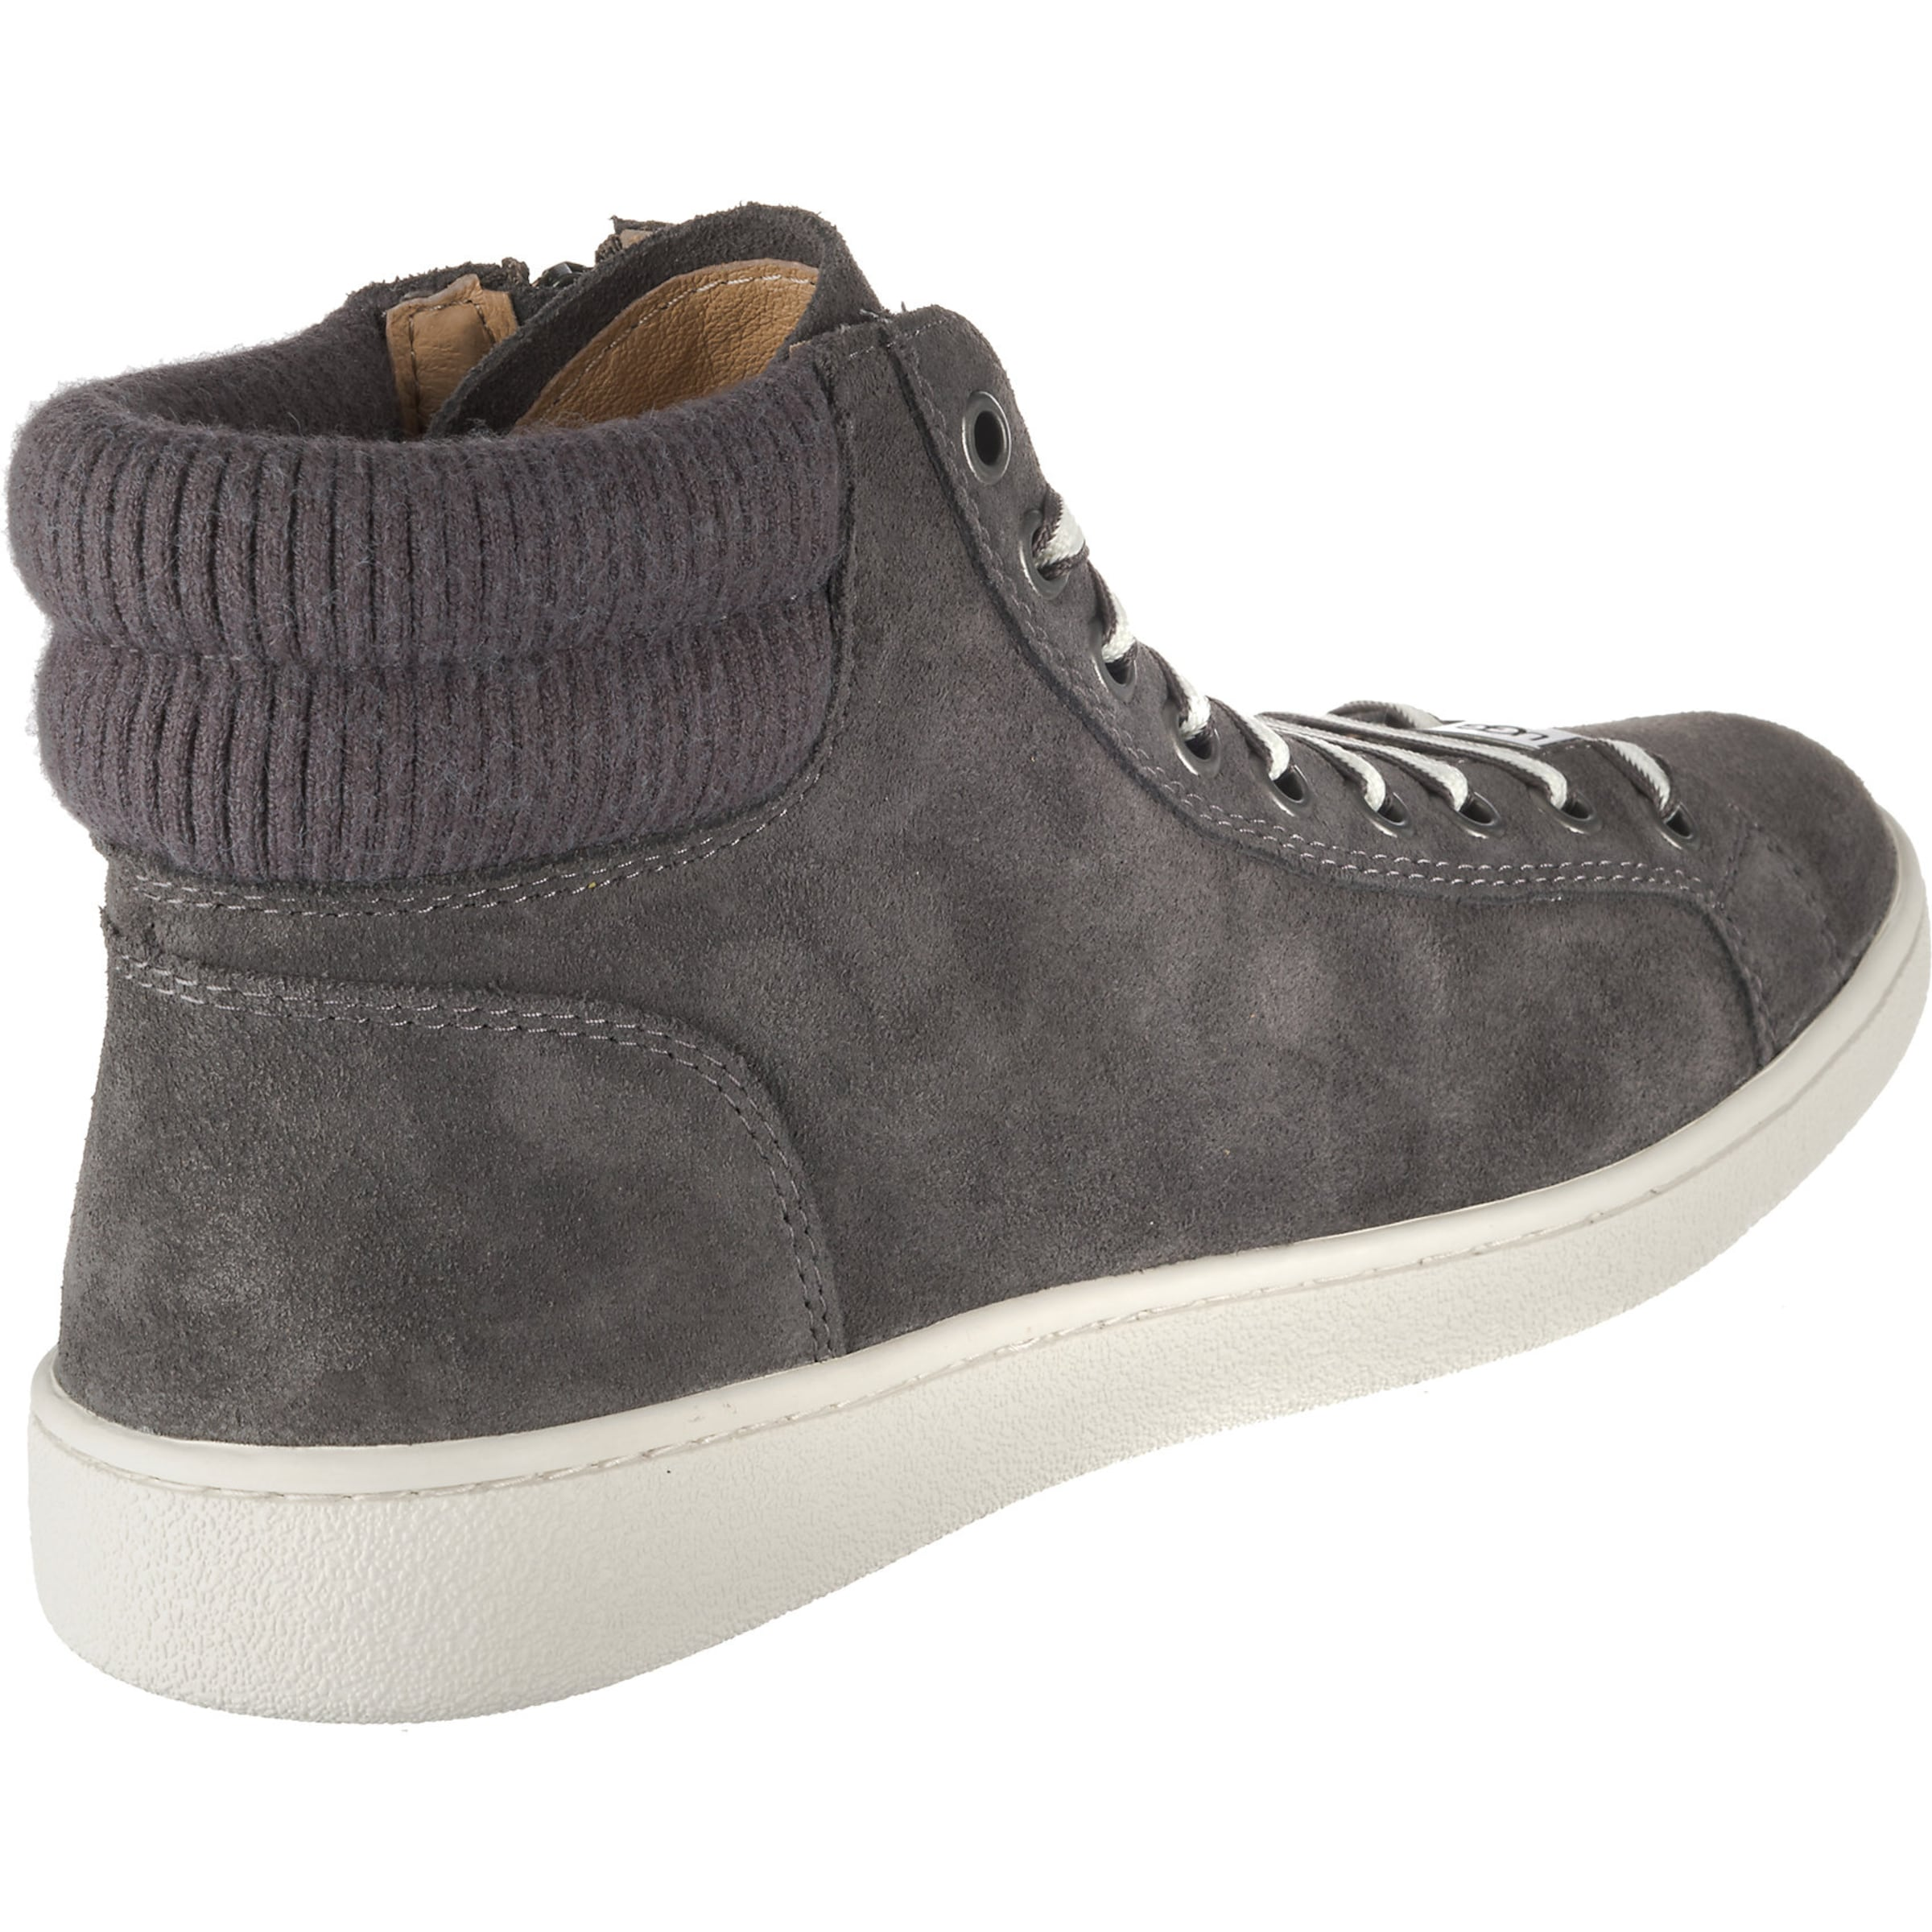 GrauWeiß GrauWeiß Sneakers Ugg Sneakers Sneakers Ugg In Ugg In QCBordxeW